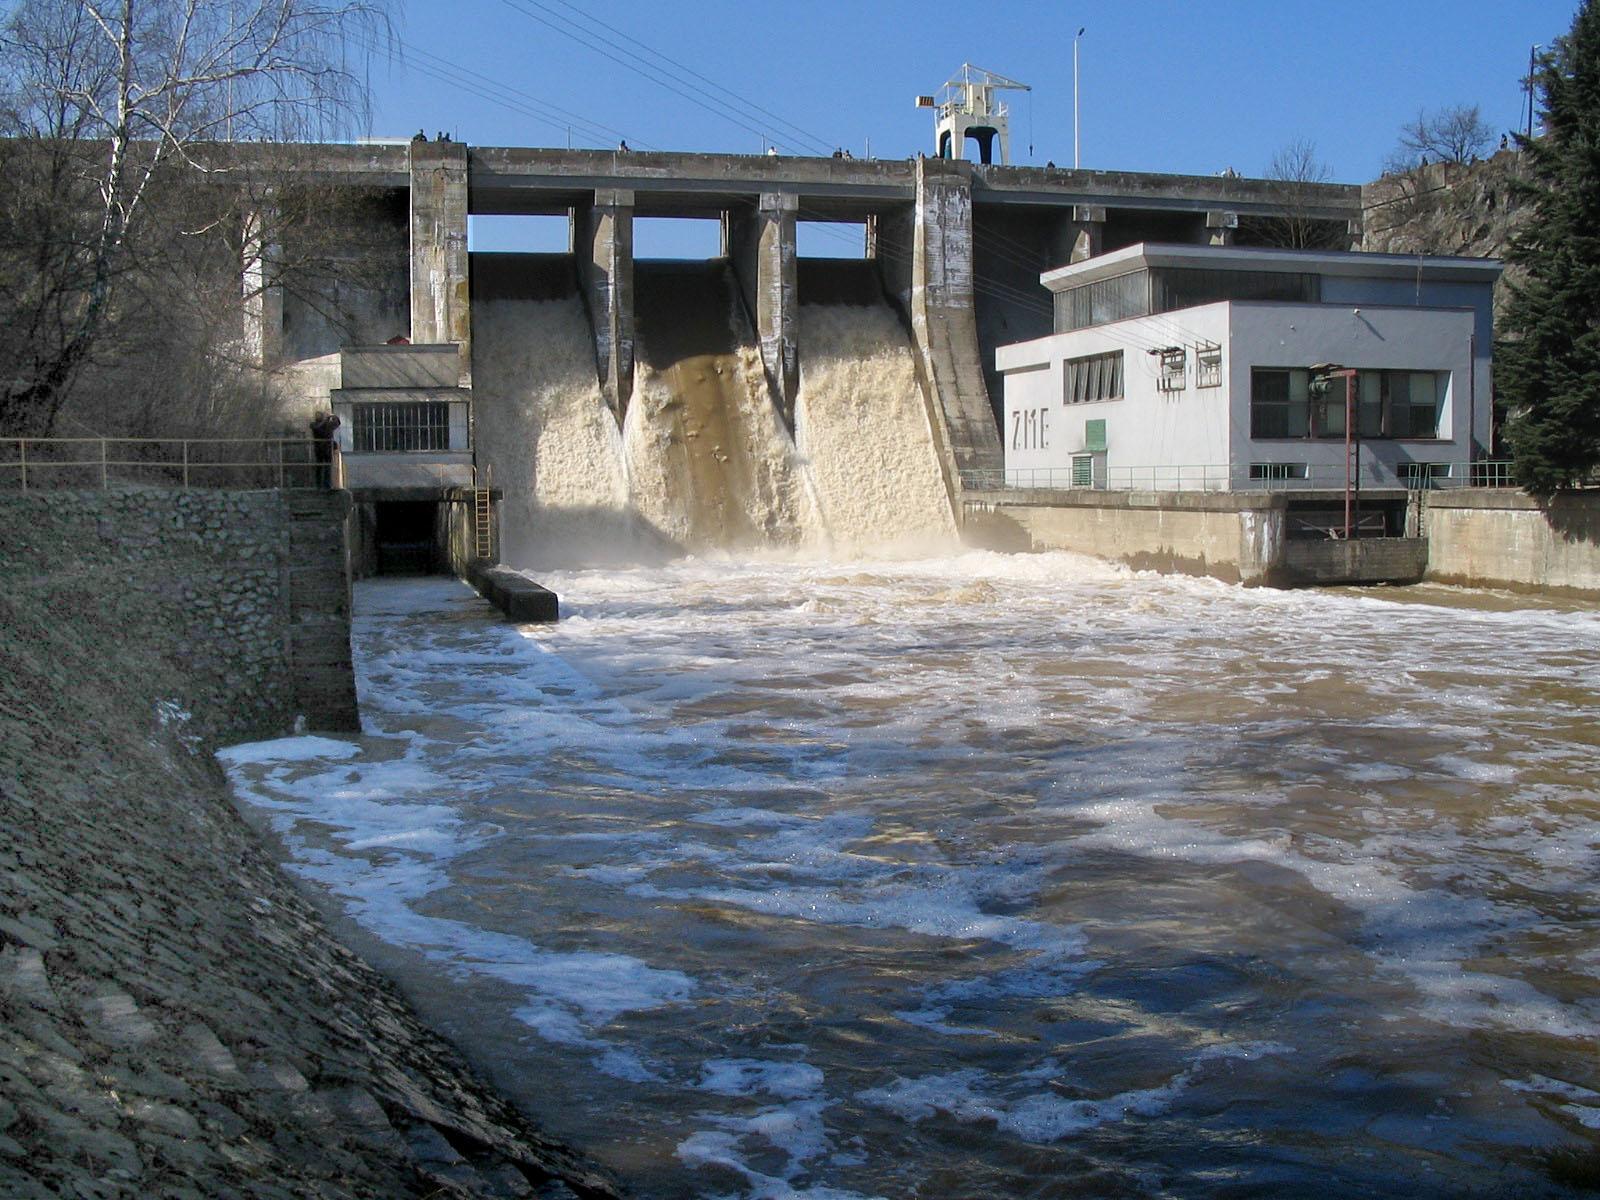 Přehrada Brno při převádění povodně vroce 2002